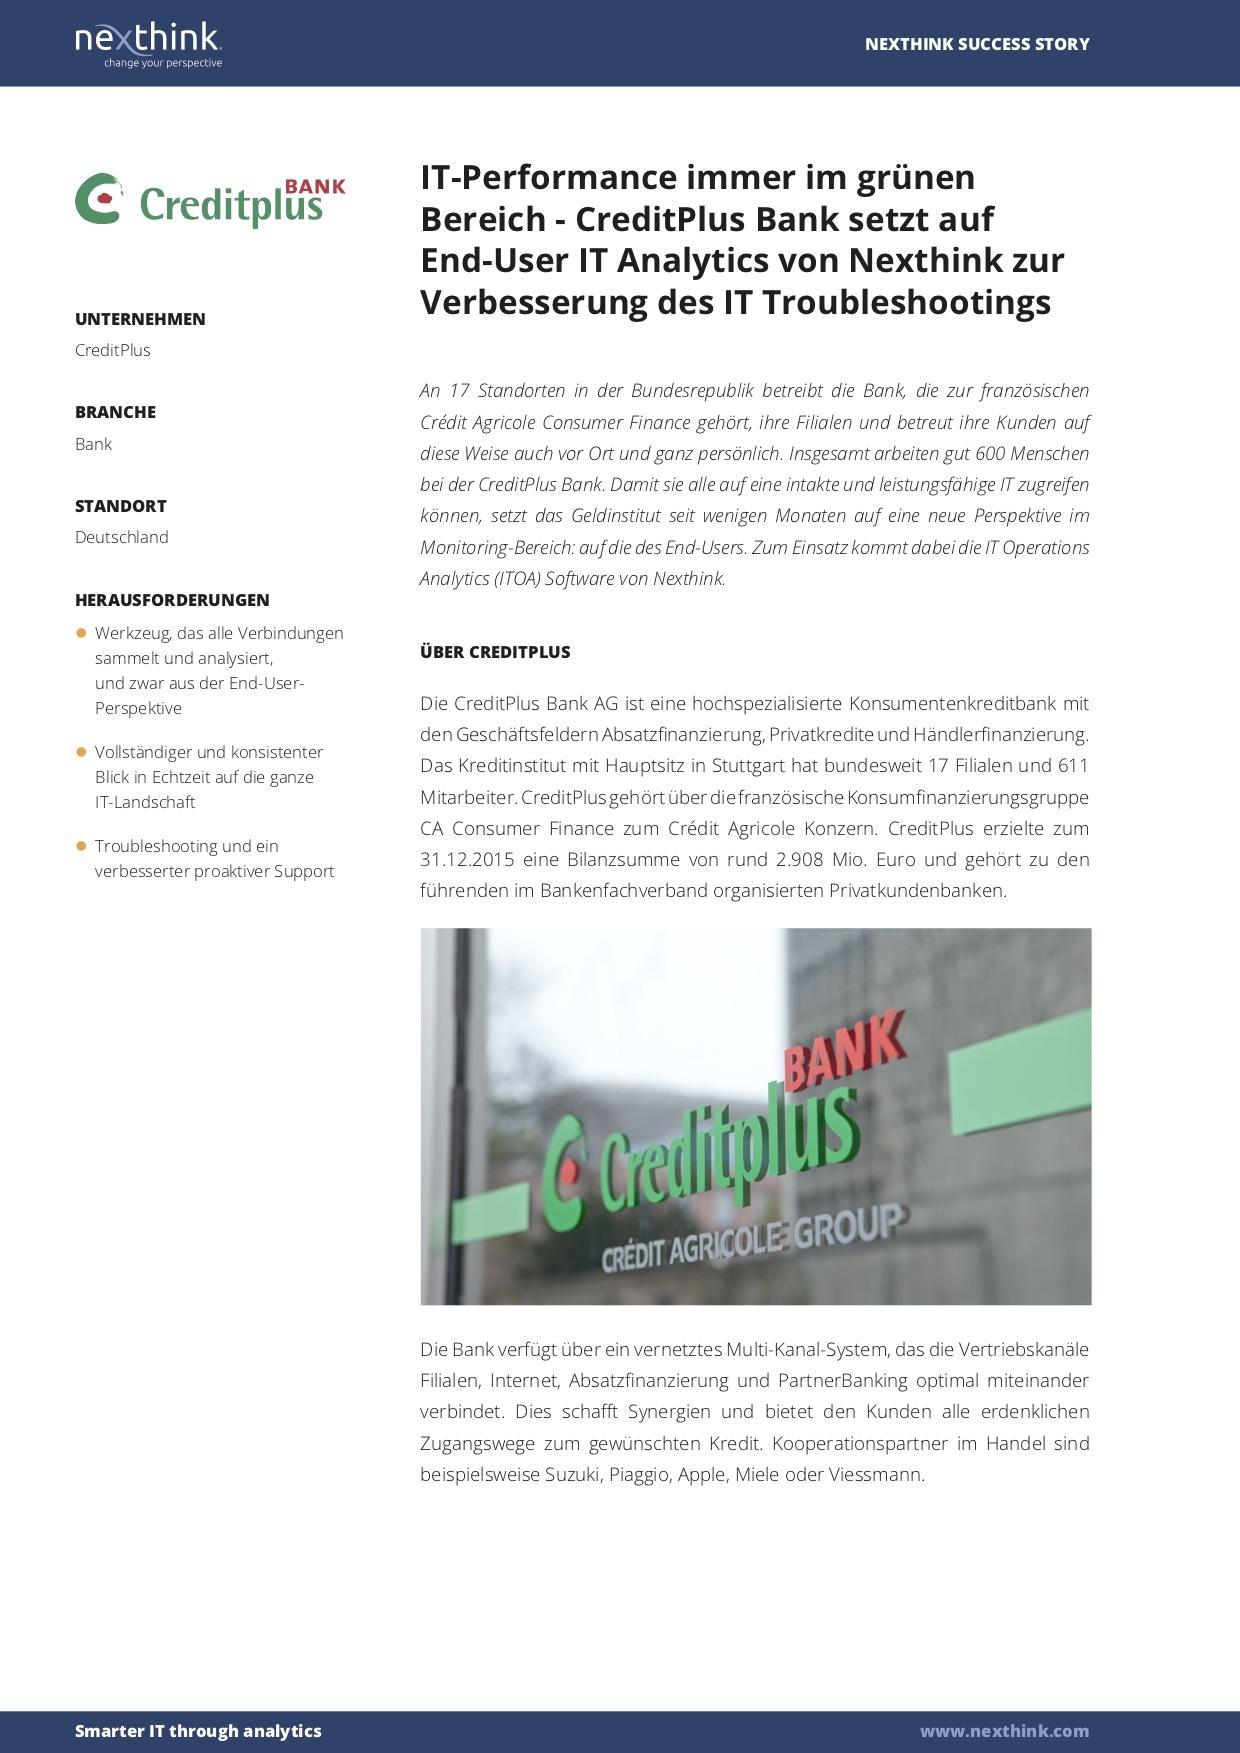 CreditPlus Bank setzt auf End-User IT Analytics von Nexthink zur Verbesserung des IT Troubleshootings